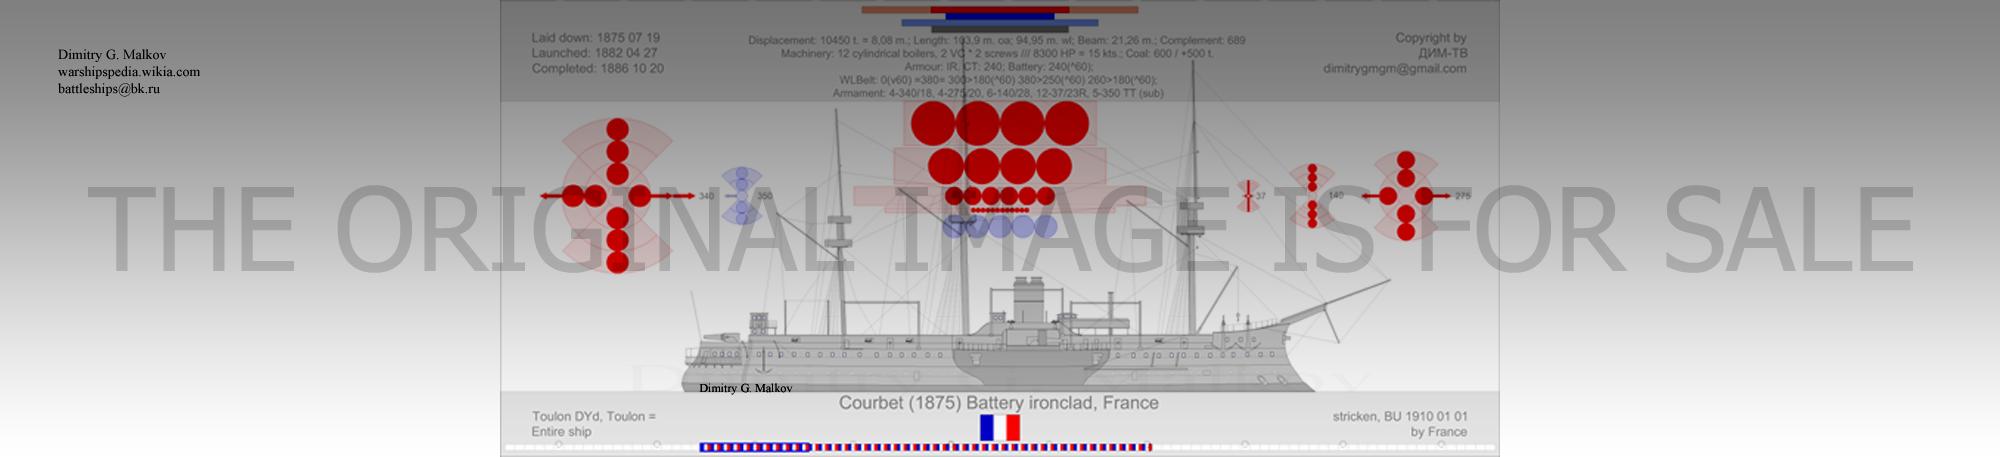 Mes dessins des navires francais - Page 11 Bo-18714